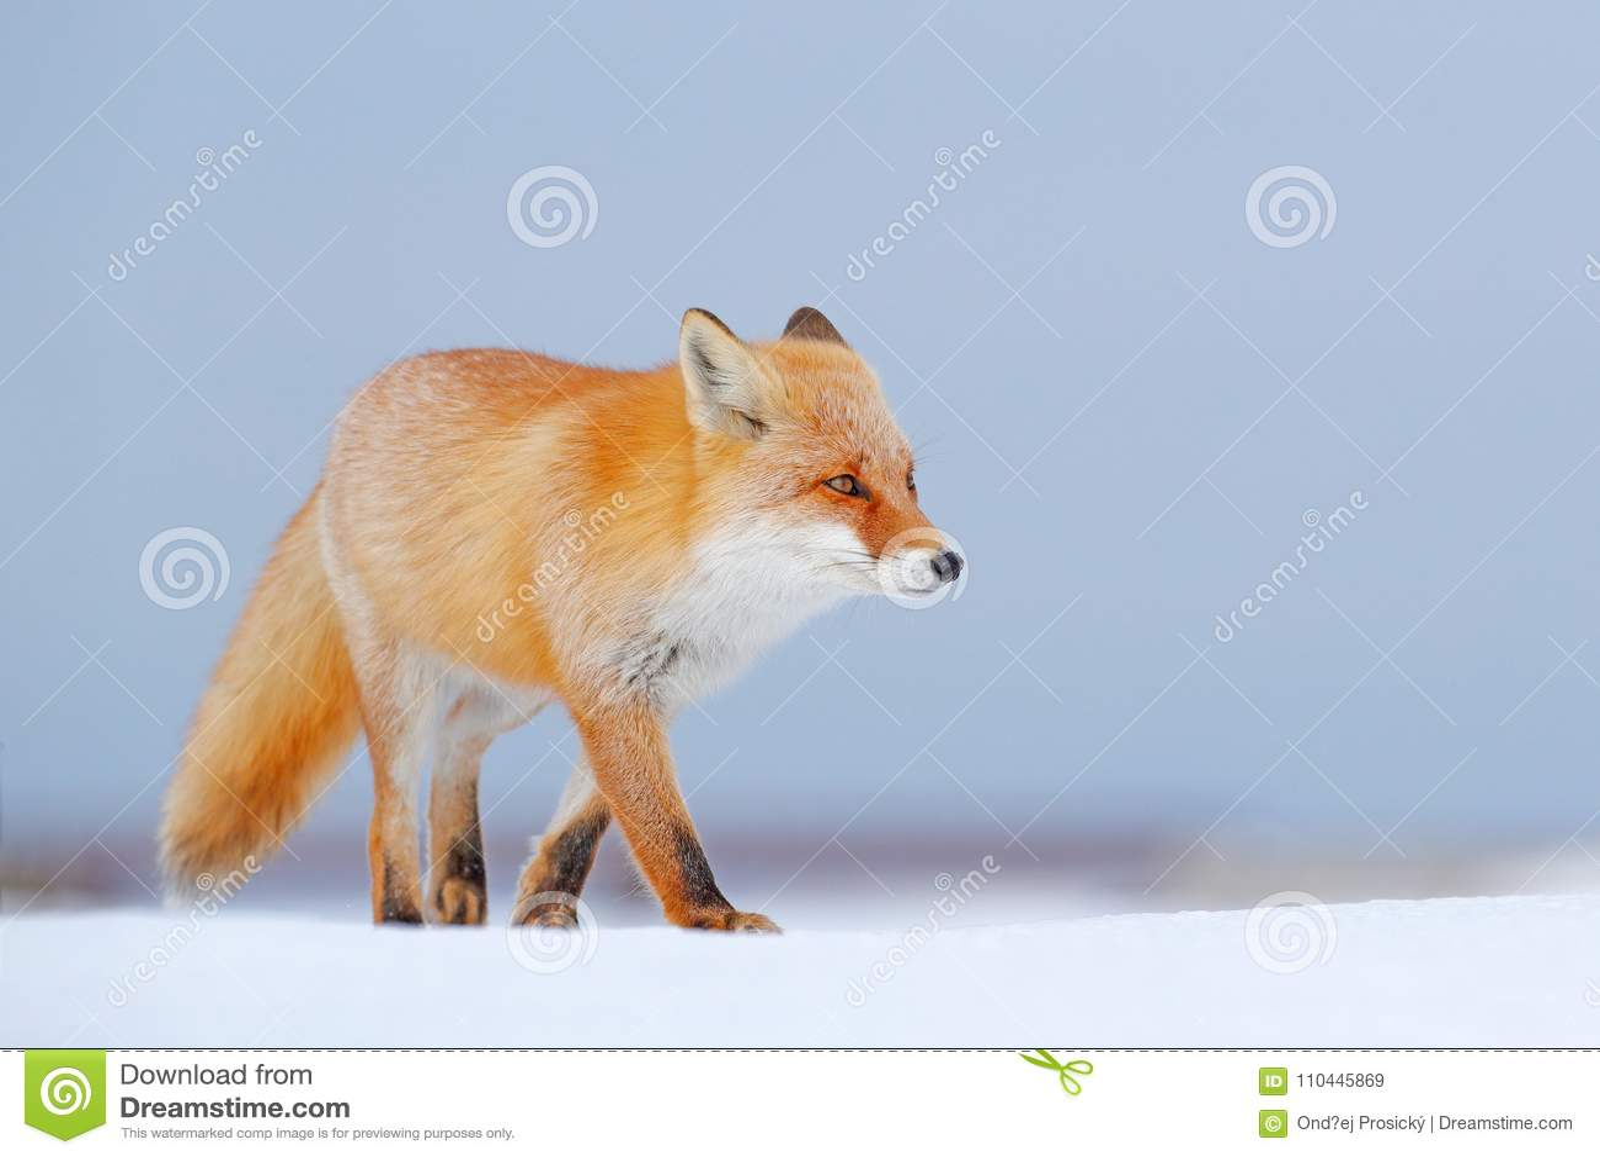 Renard rouge dans la neige blanche Hiver froid avec le renard orange de fourrure Animal de chasse dans le pré neigeux, Japon Beau